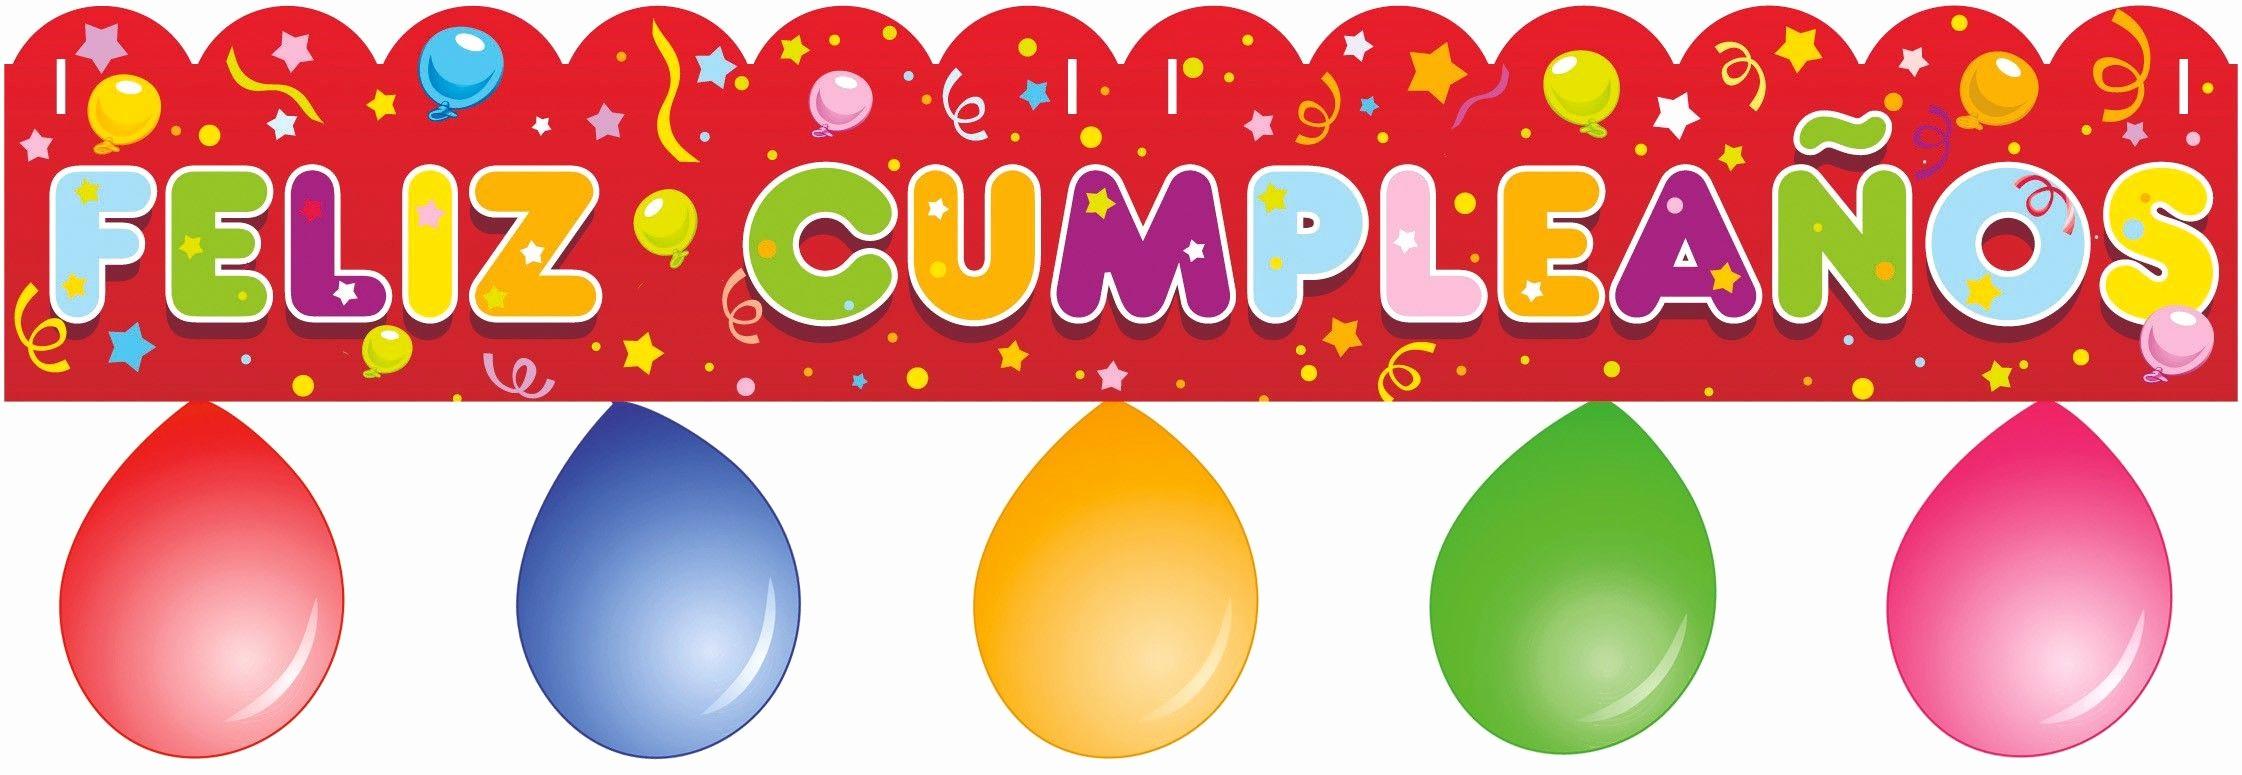 Fondos Para Tarjetas De Cumpleaños Unique Tarjetas De Cumpleaños 3d Para Imprimir Para Partir